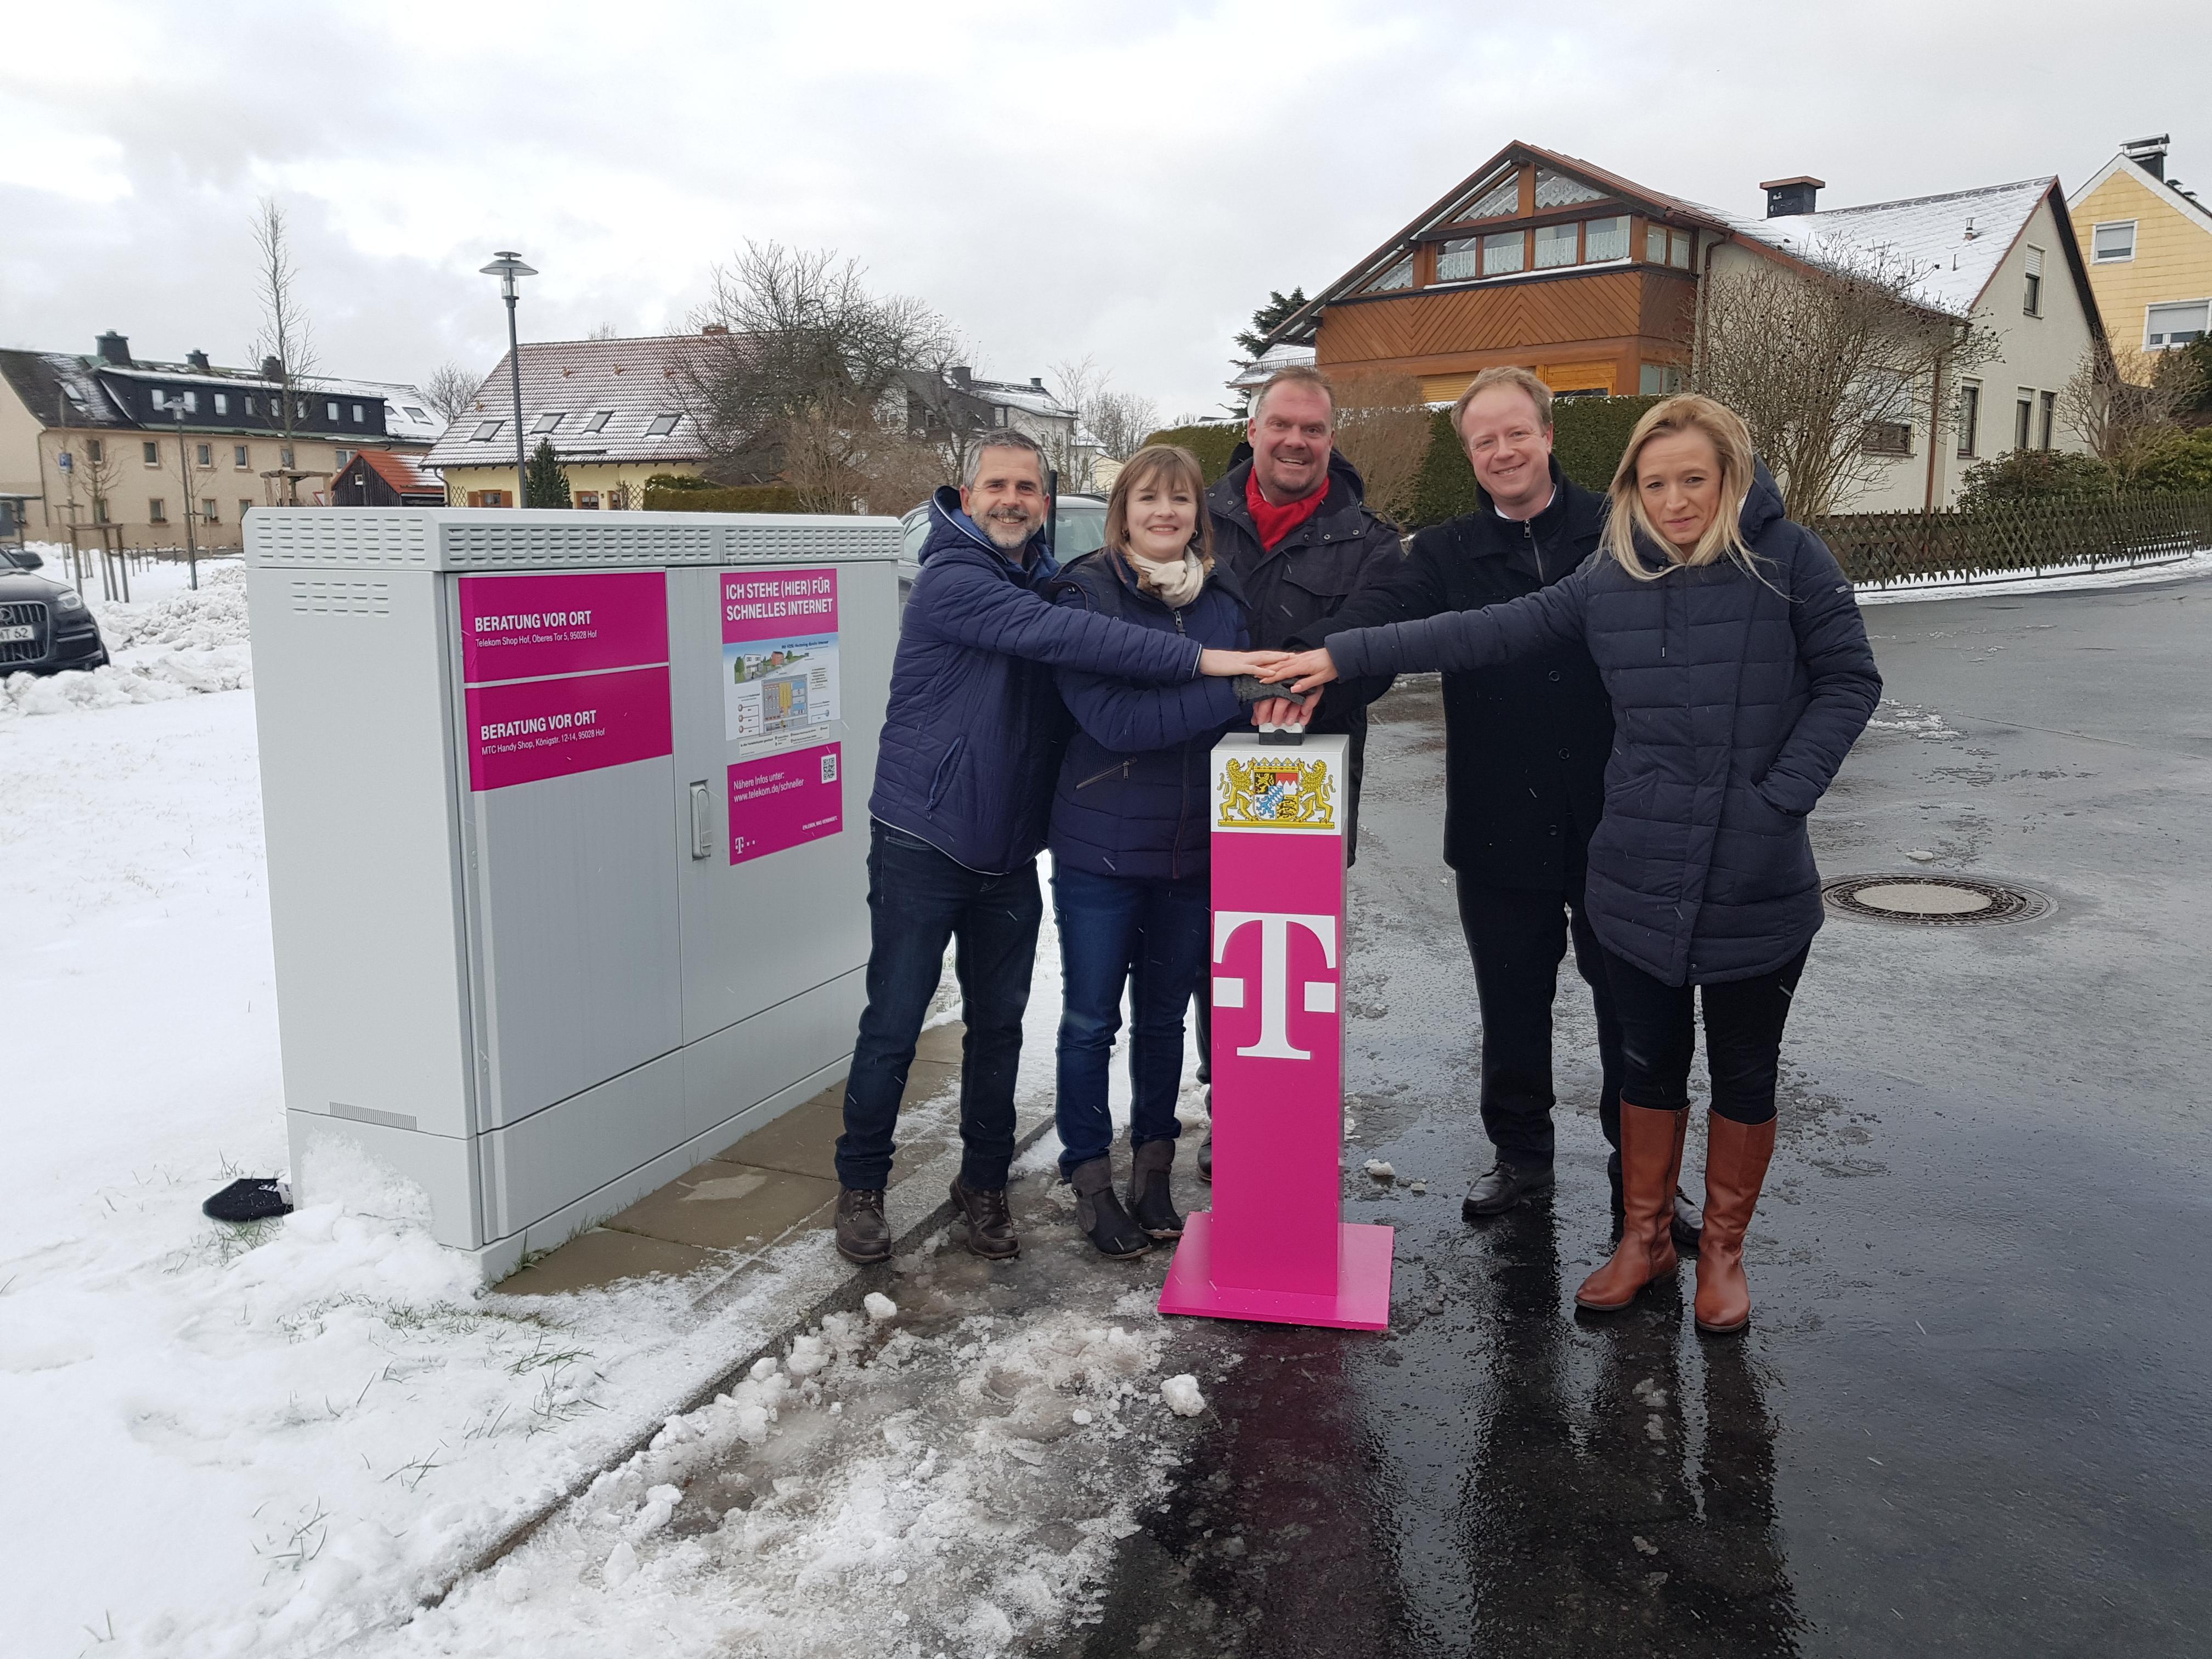 Der symbolische Startknopf für schnelles Internet in Leupoldsgrün und Konradsreuth wird gedrückt.